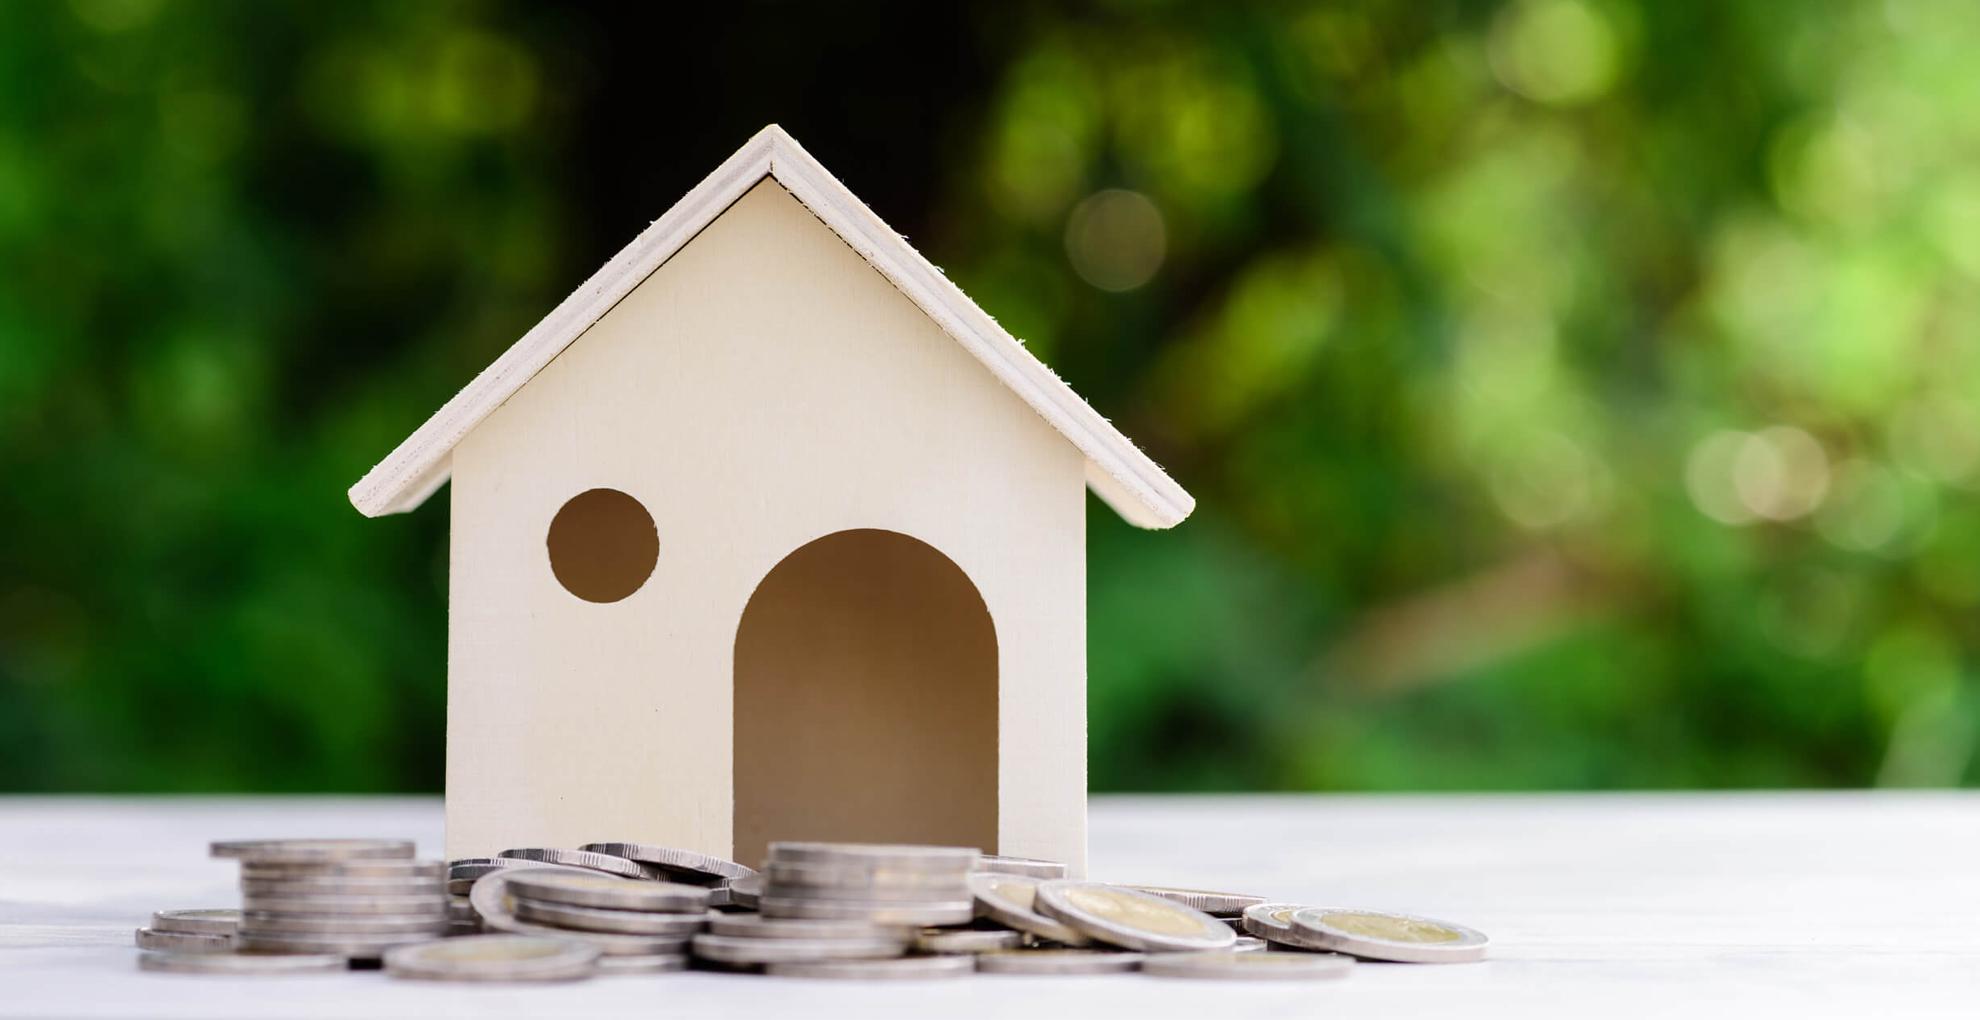 Acquisto prima casa stunning acquisto prima casa with for Mutuo per la costruzione della propria casa